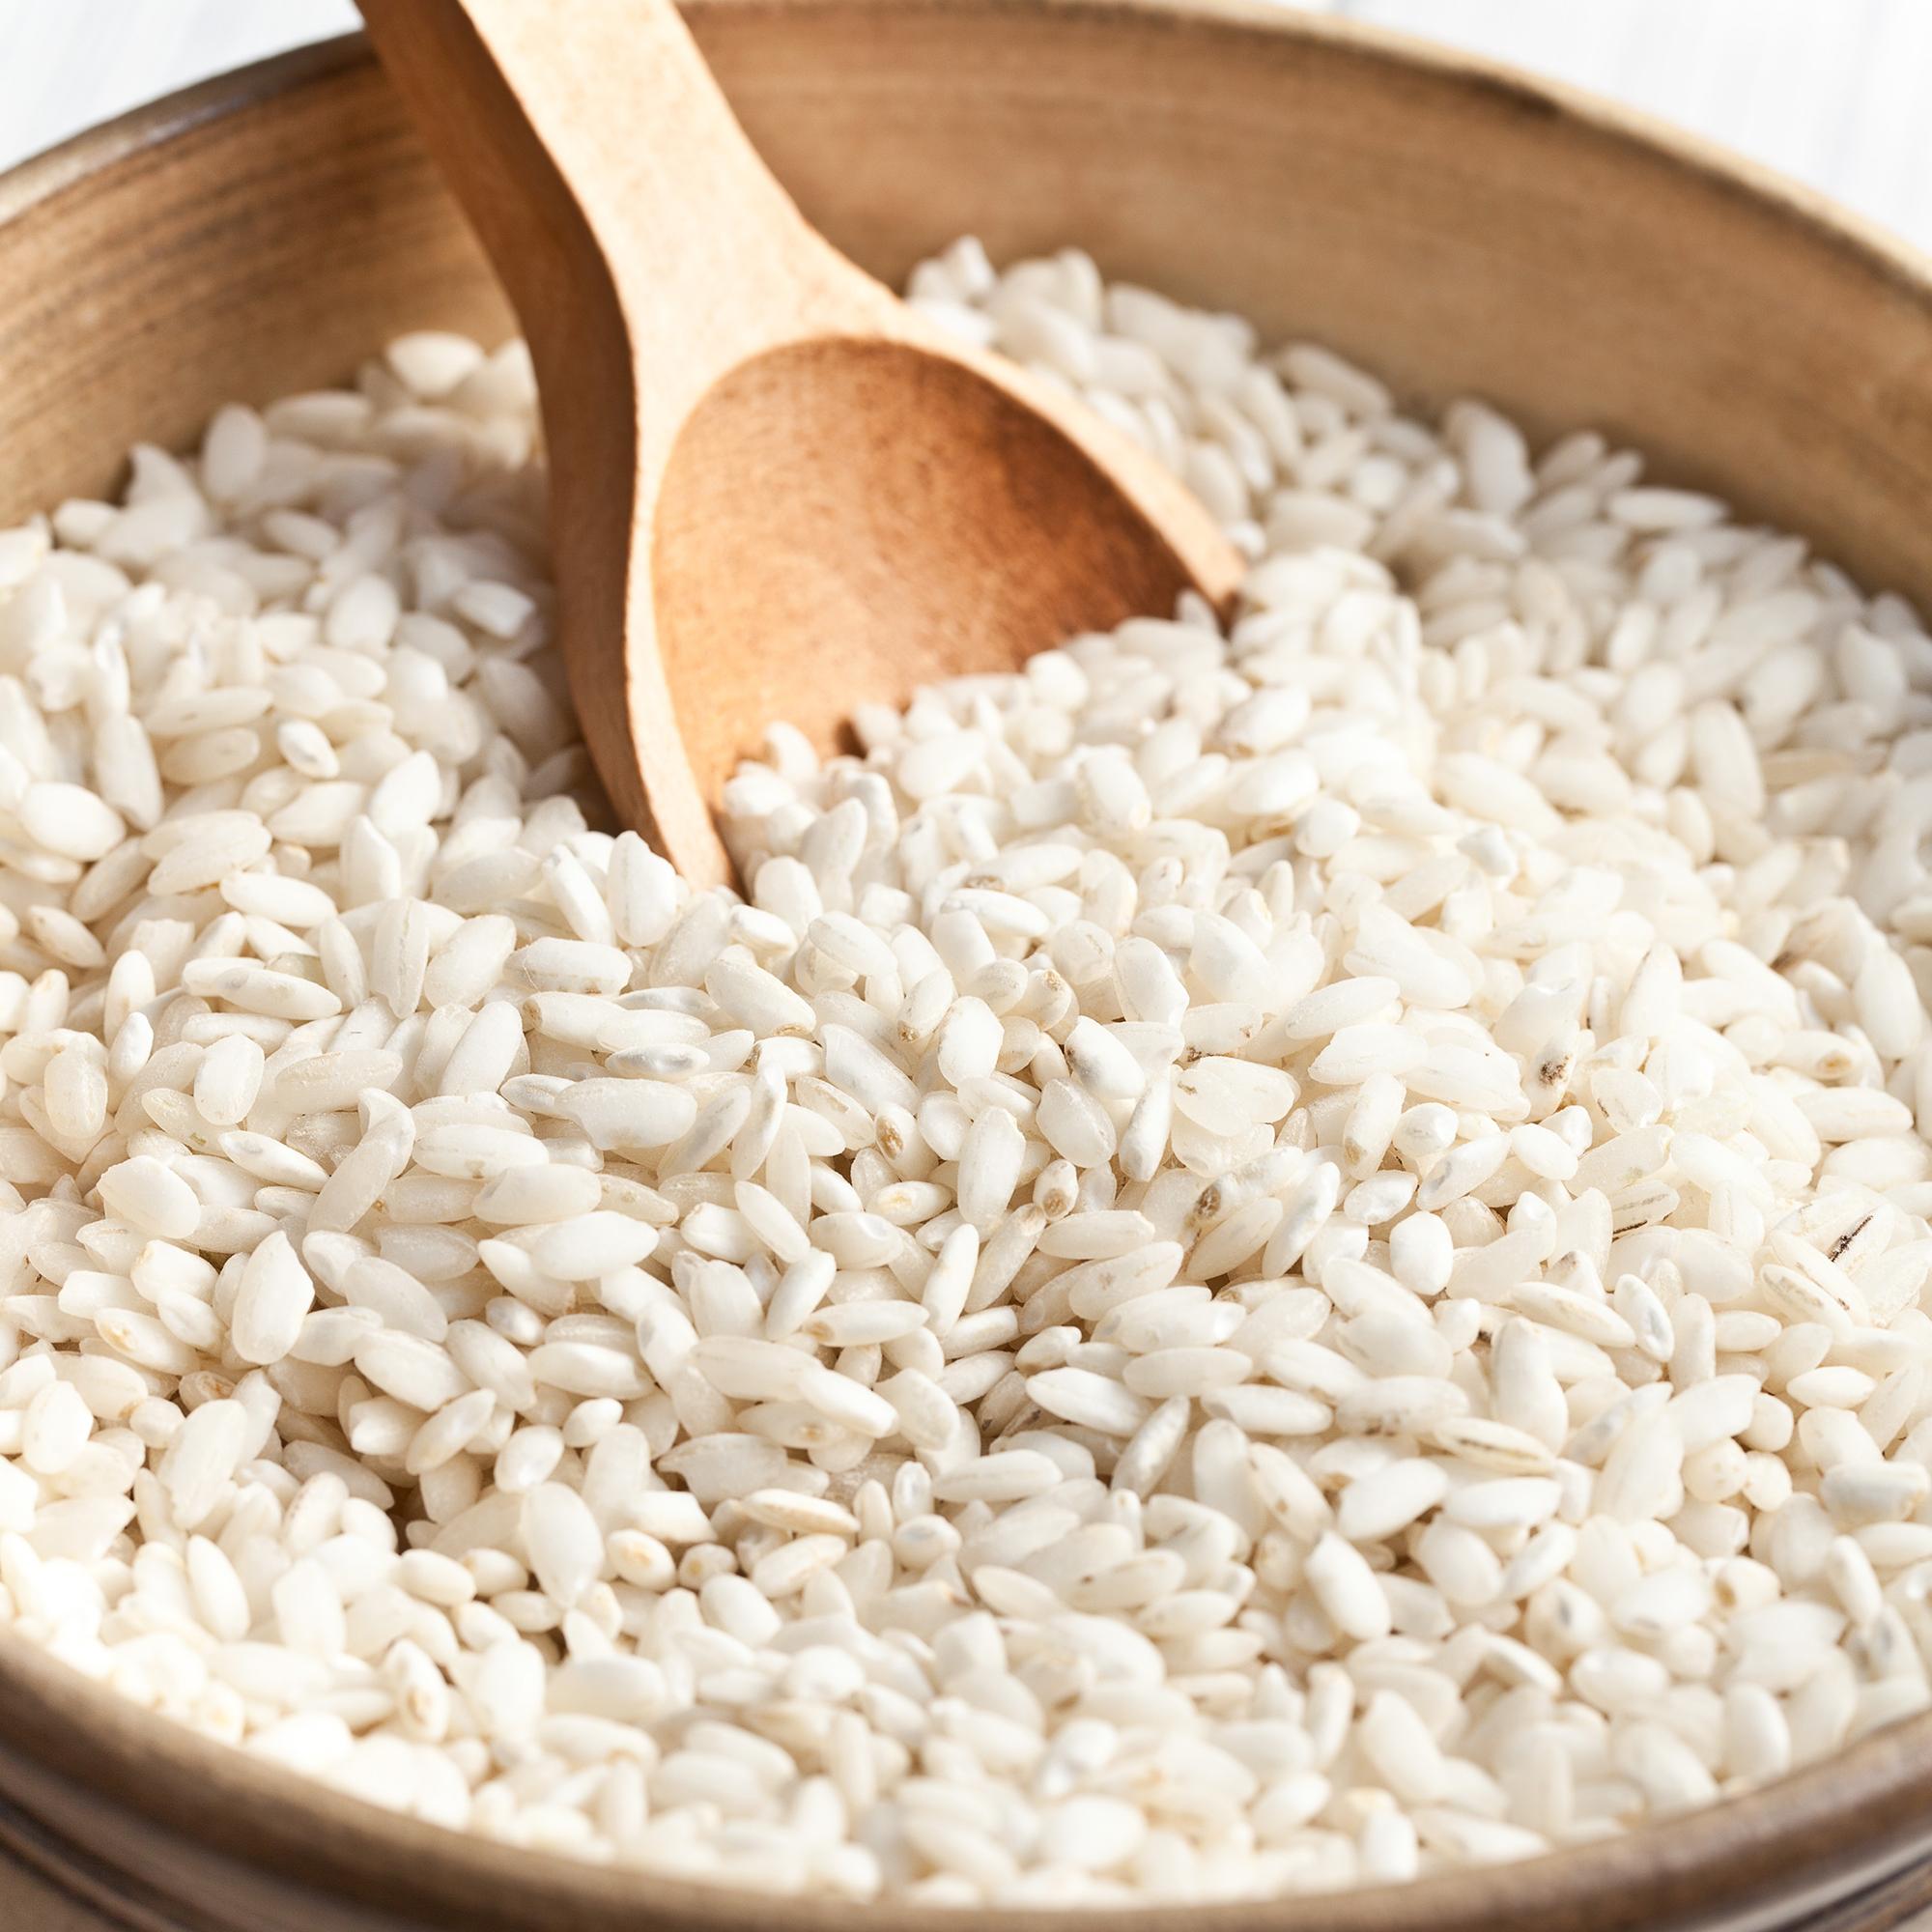 RISO-biologico-Bianco-Arborio-Non-GMO-Kosher-BULK-da-parte-del-cibo-a-vivere miniatura 7